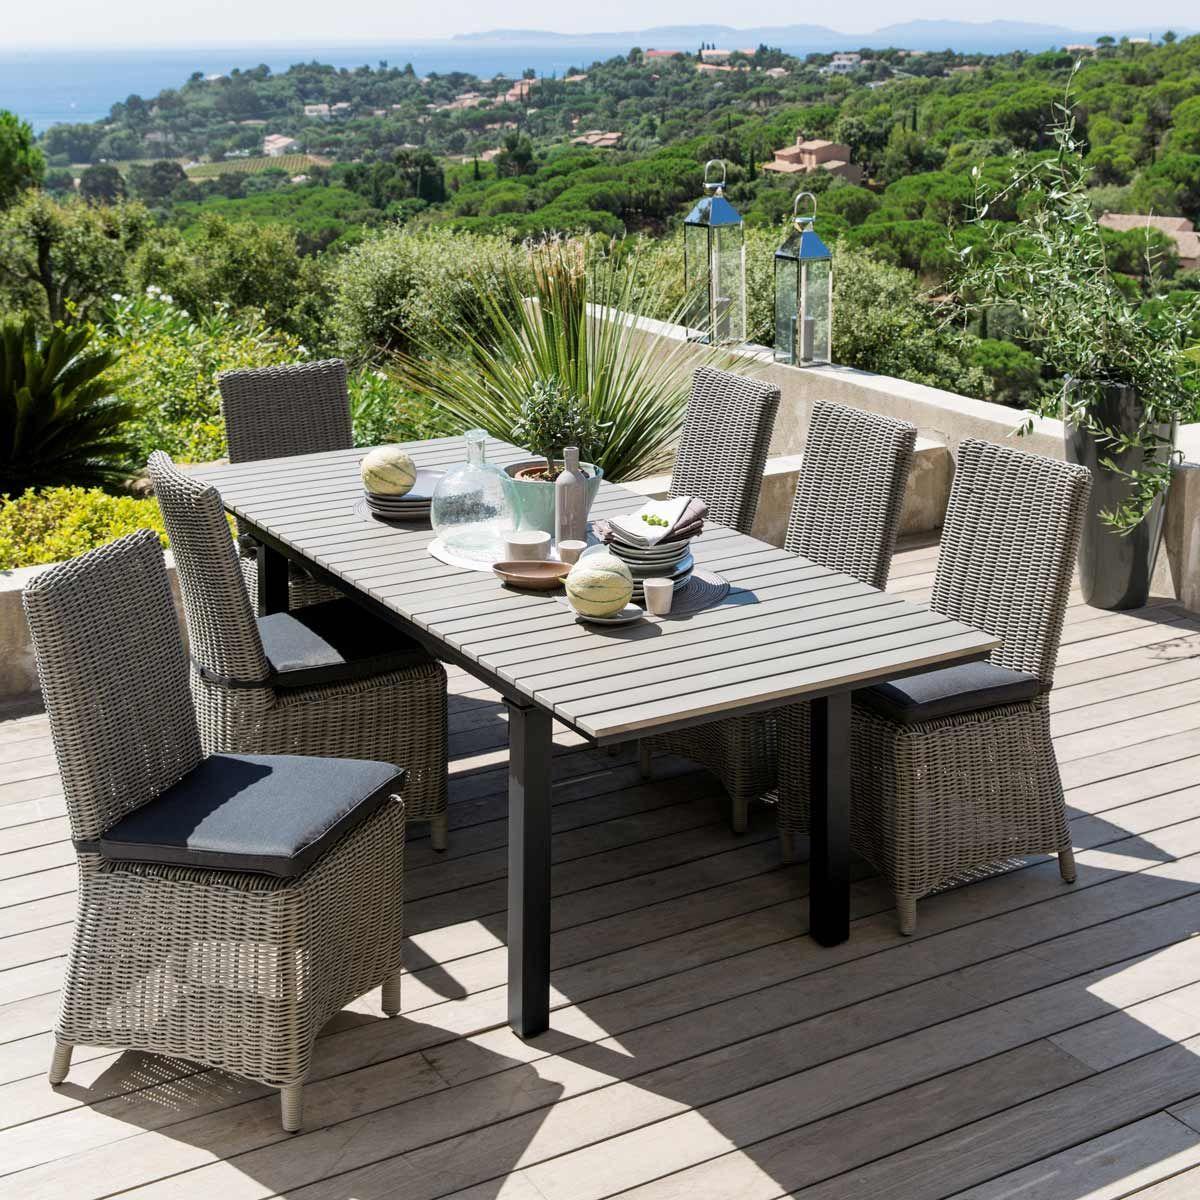 Table de jardin en aluminium gris L 213 cm | ++ déco idées ...